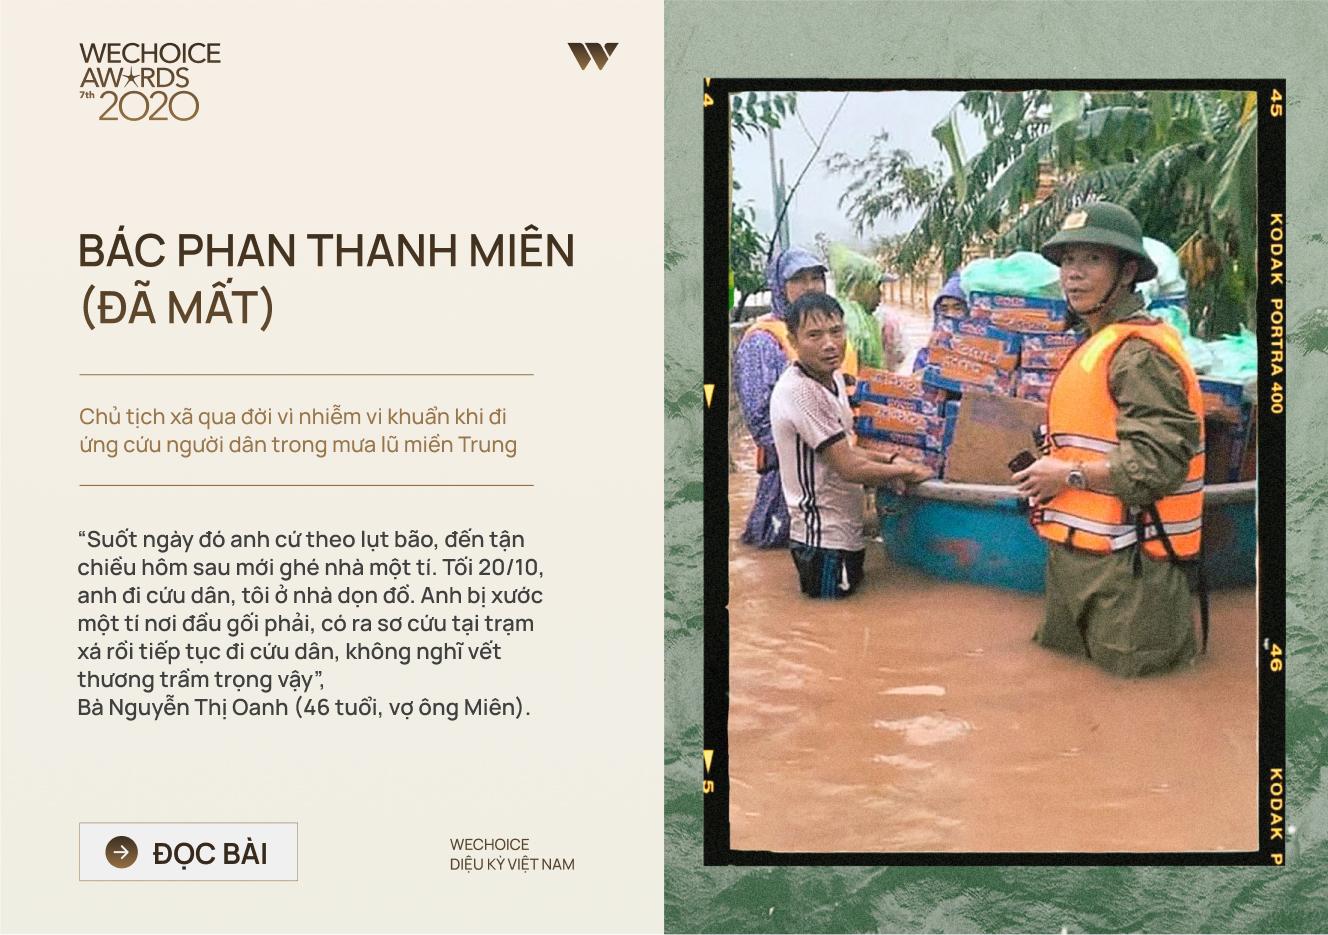 20 đề cử nhân vật truyền cảm hứng của WeChoice Awards 2020: Những câu chuyện tạo nên Diệu kỳ Việt Nam - Ảnh 17.